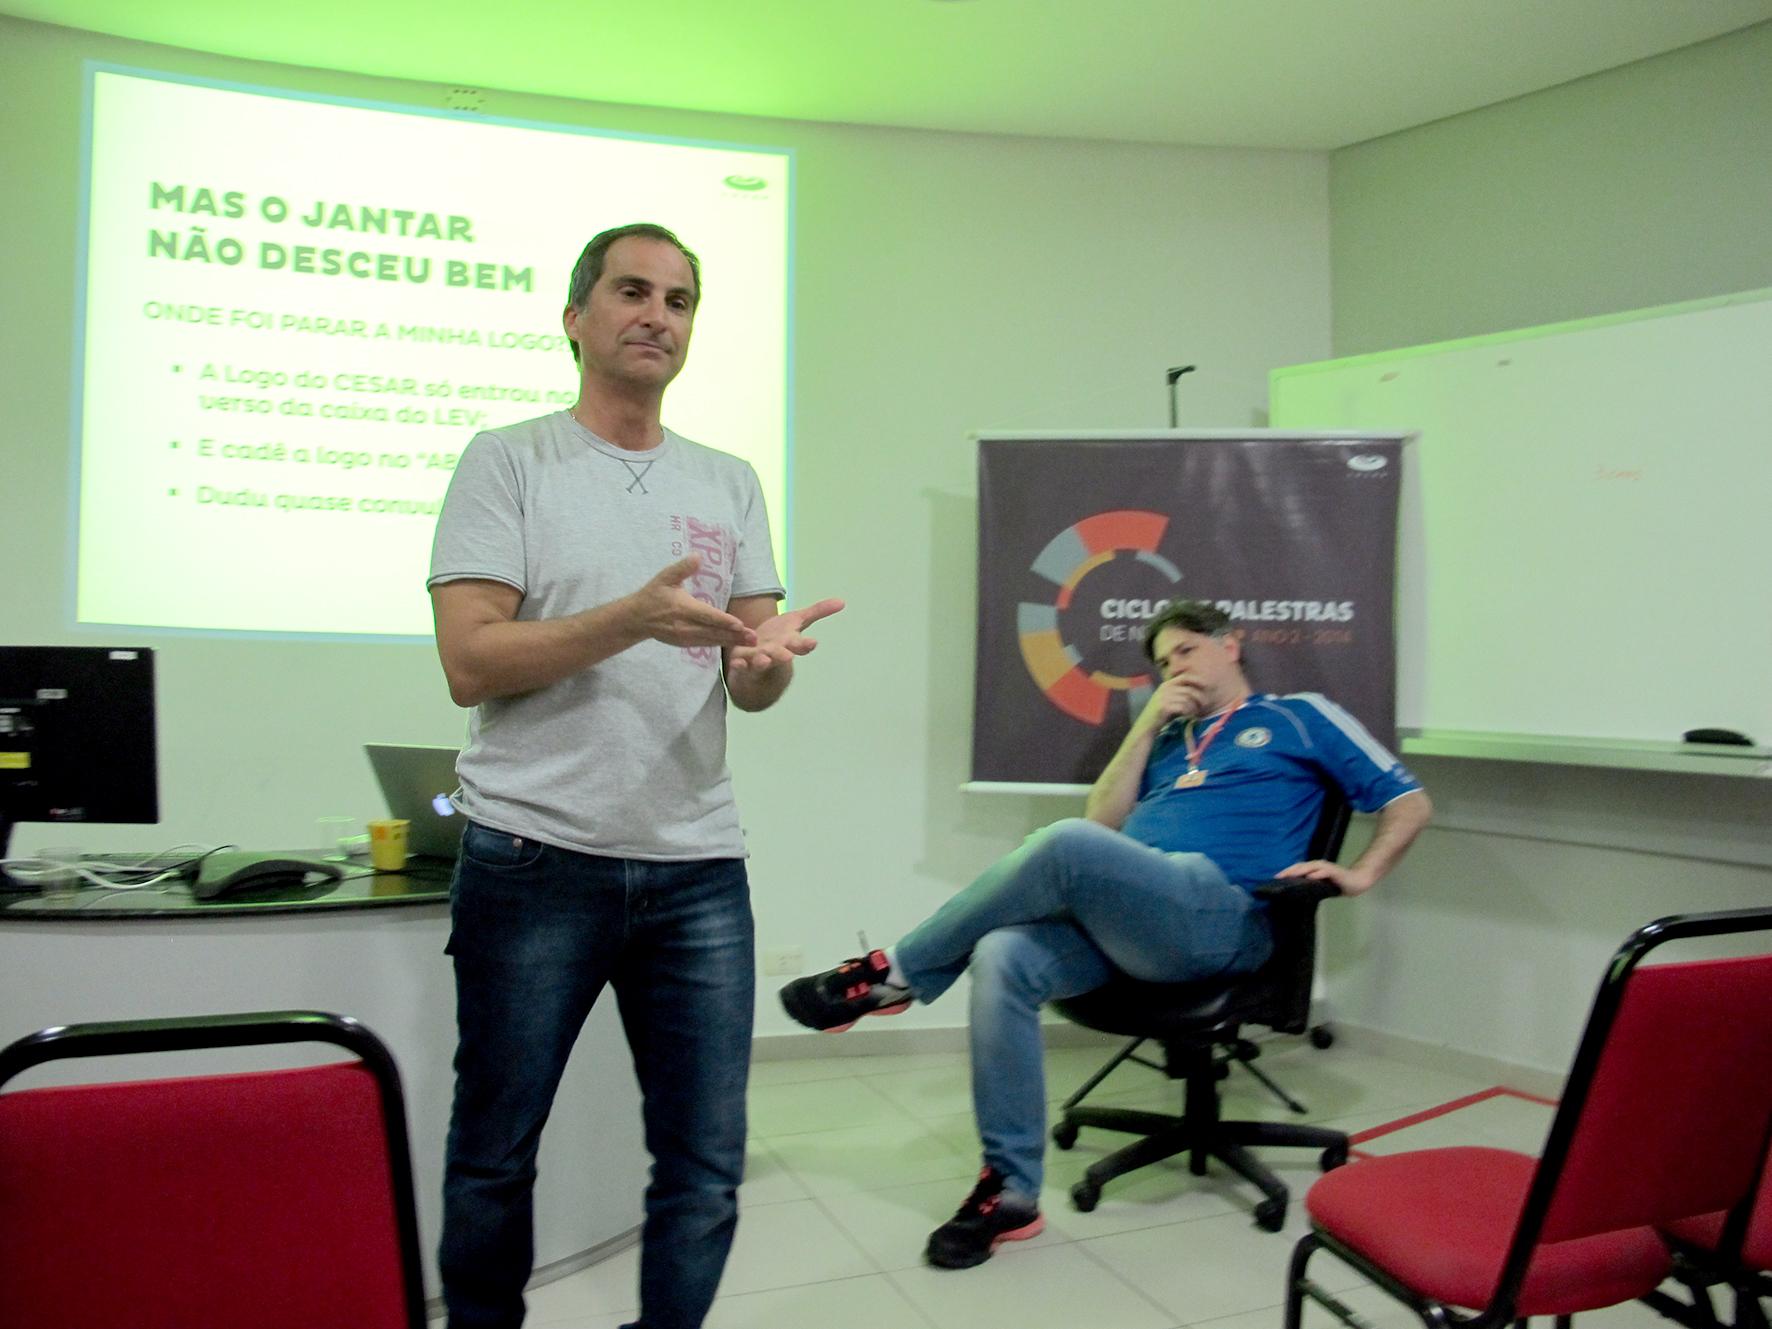 Eduardo Peixoto, Luiz Borba